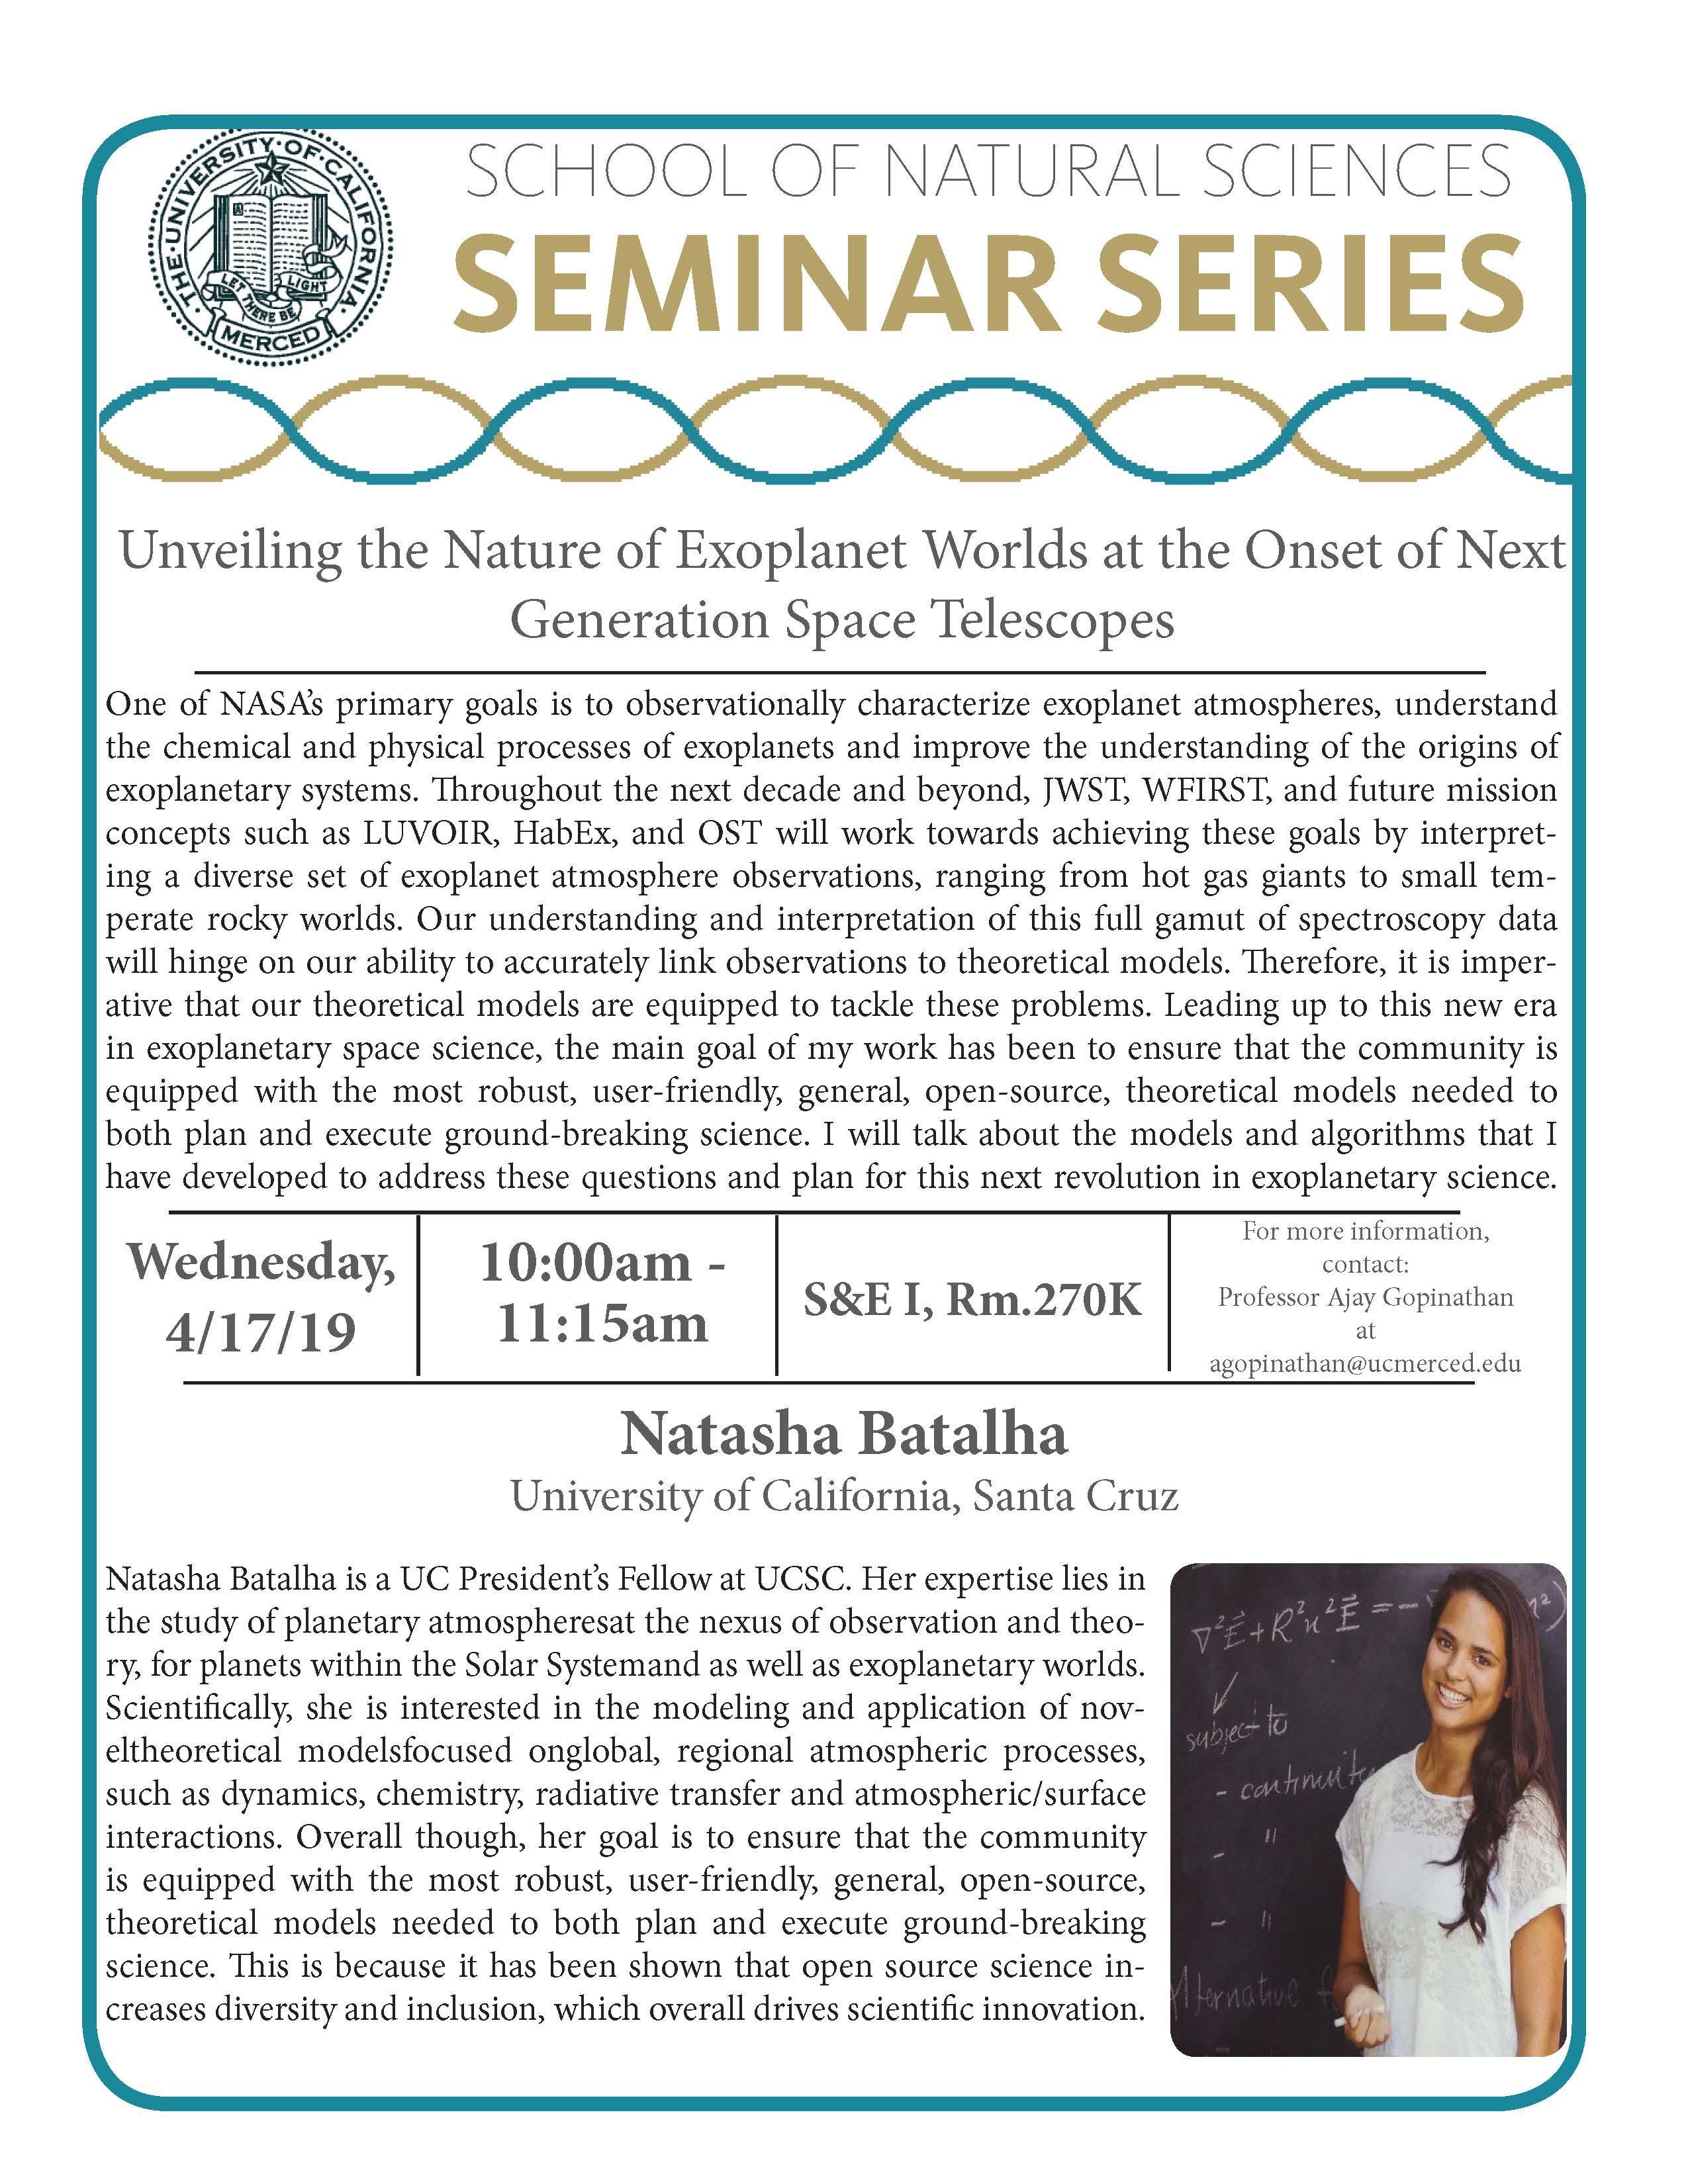 Physics Seminar - Dr. Natasha Batalha